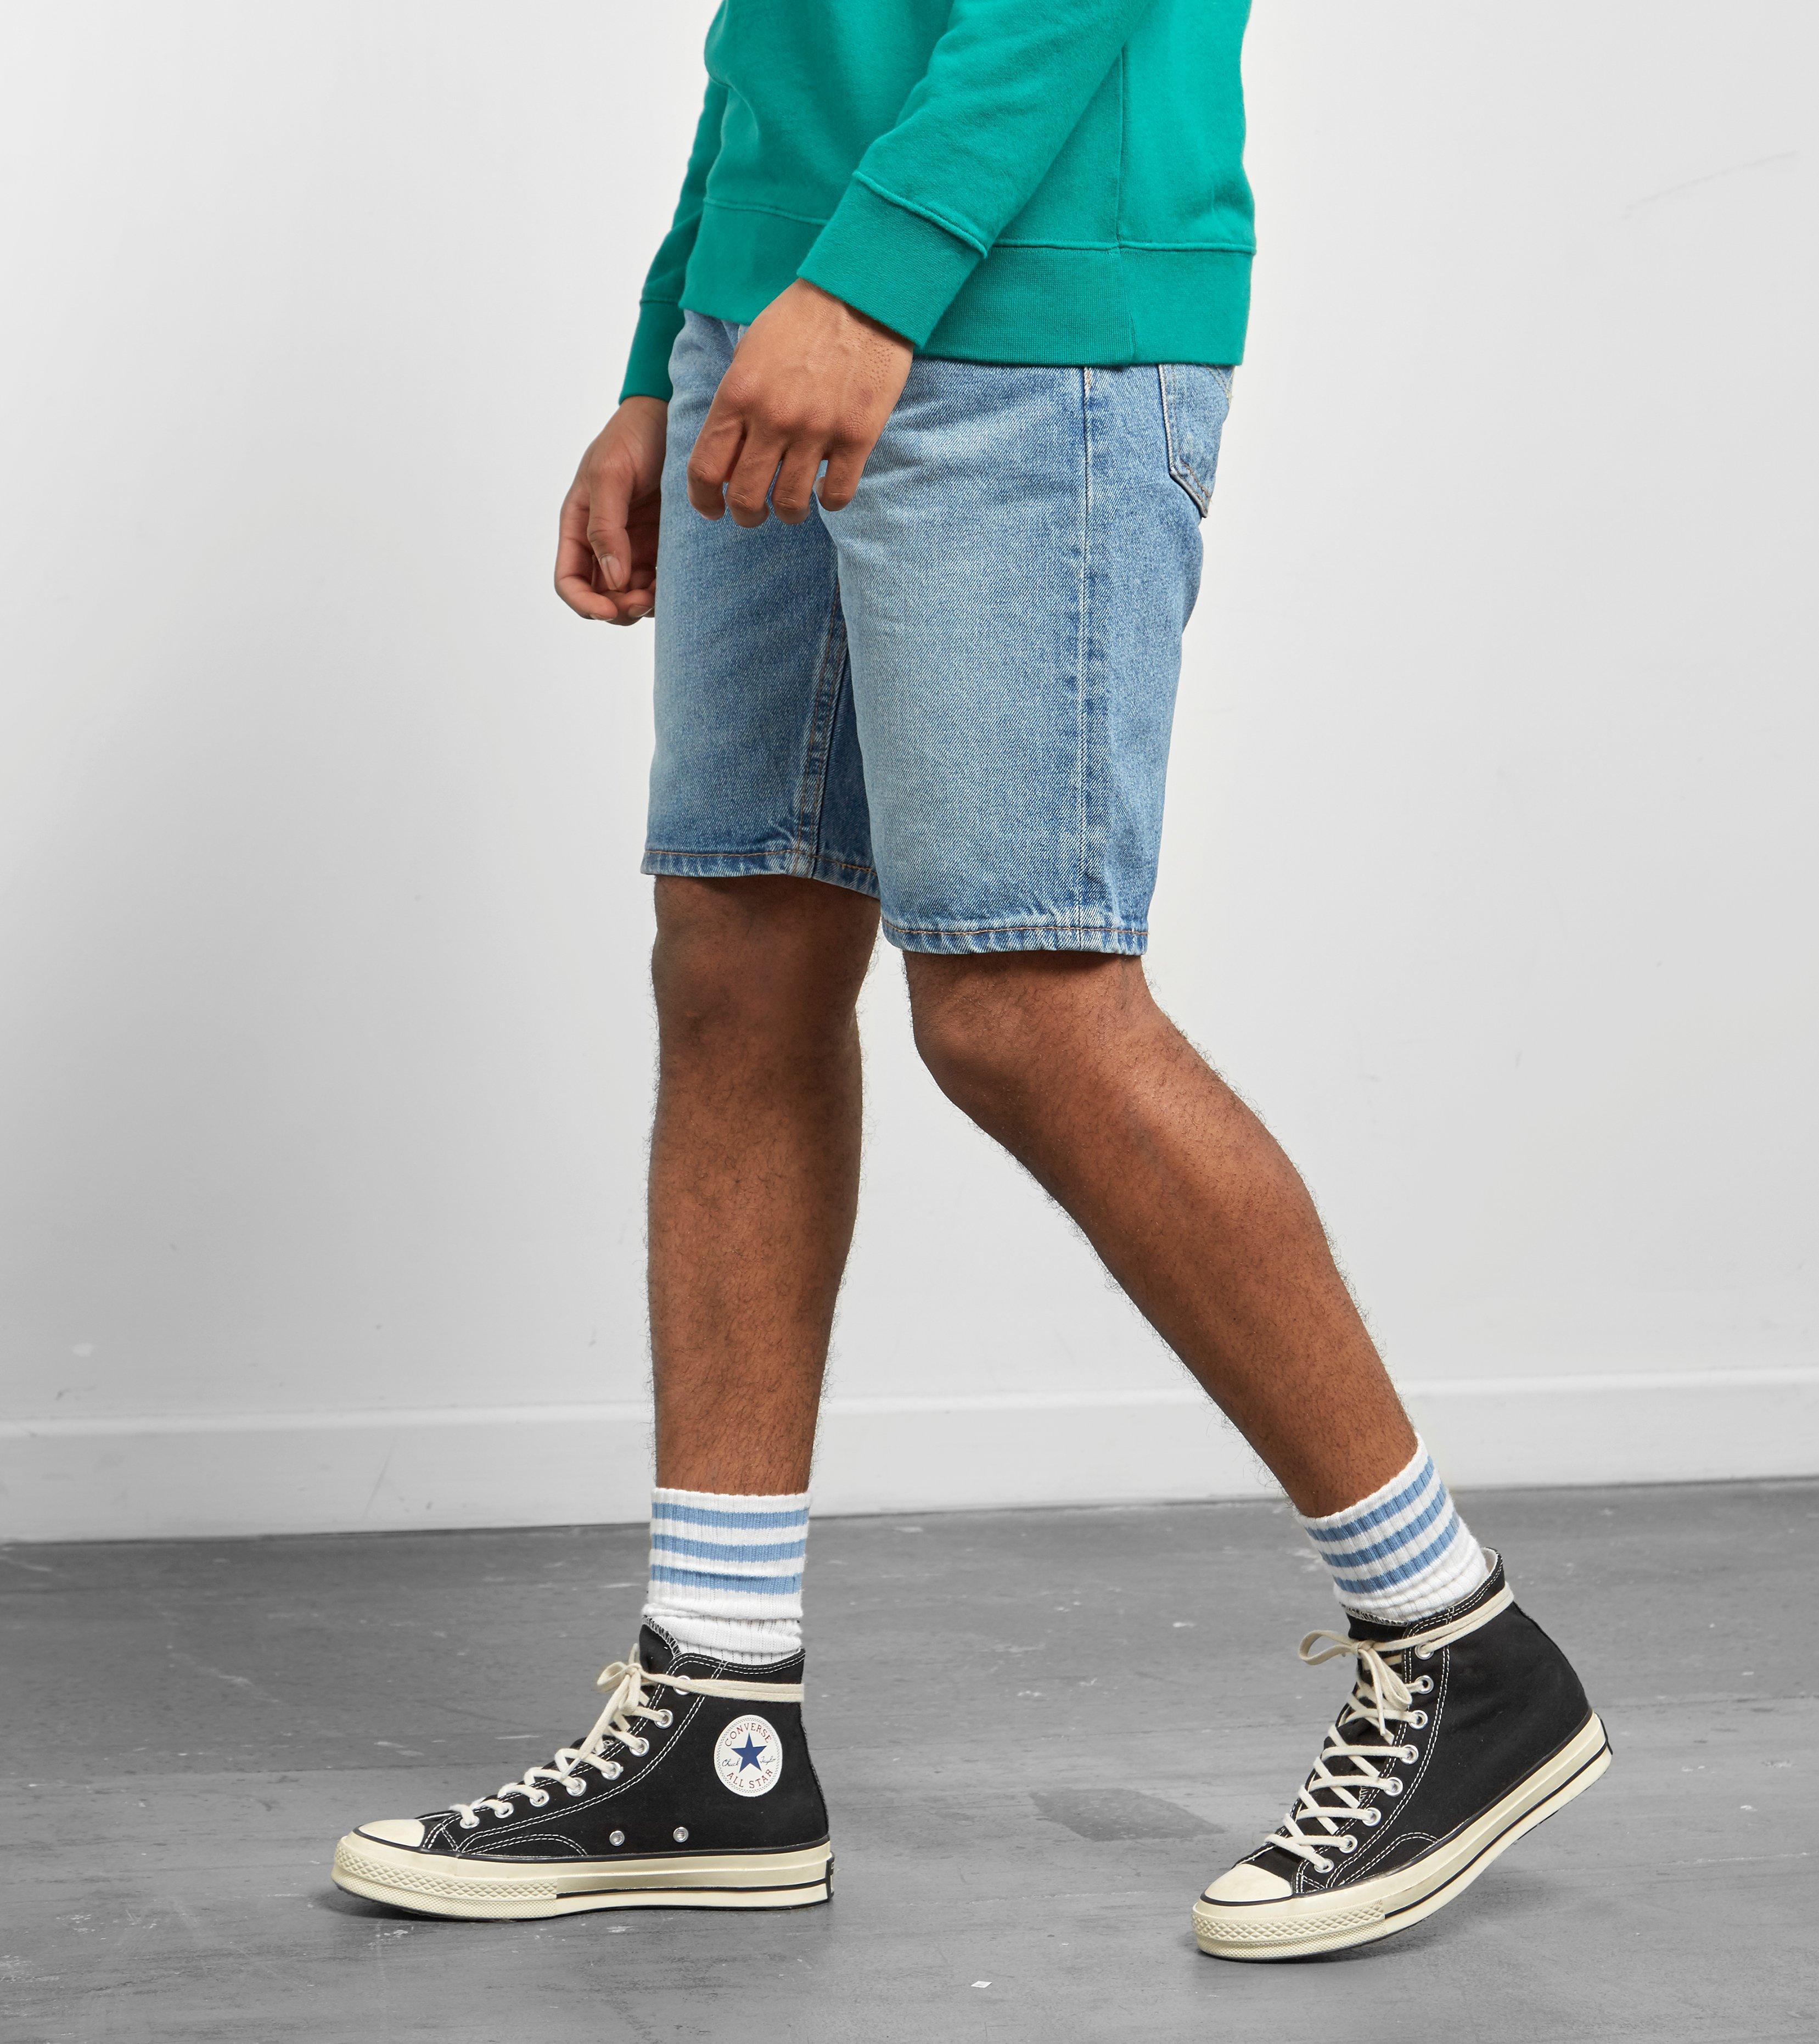 838e7343 Levi's Levis 502 Regular Taper Fit Hemmed Shorts in Blue for Men - Lyst